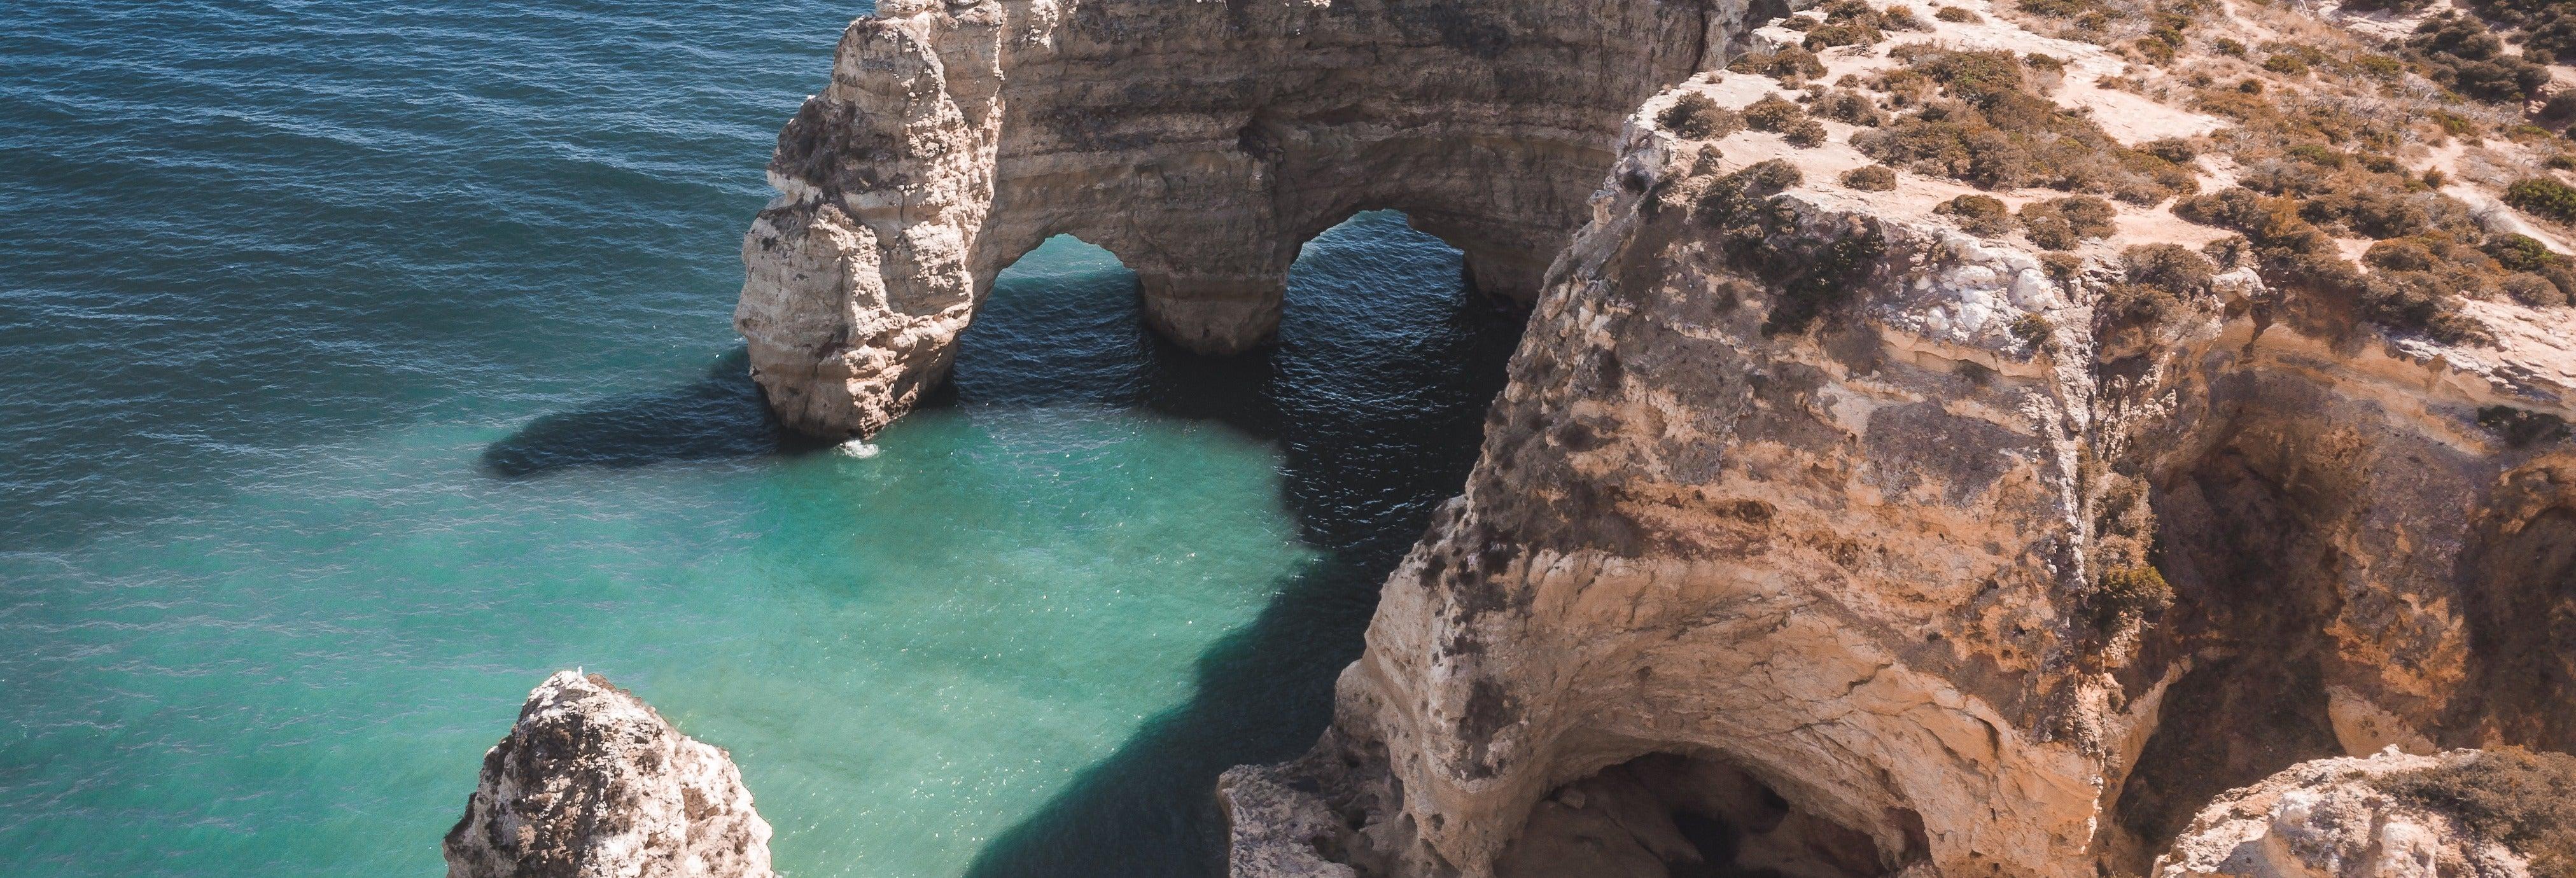 Passeio de barco pelo Algarve e grutas de Benagil